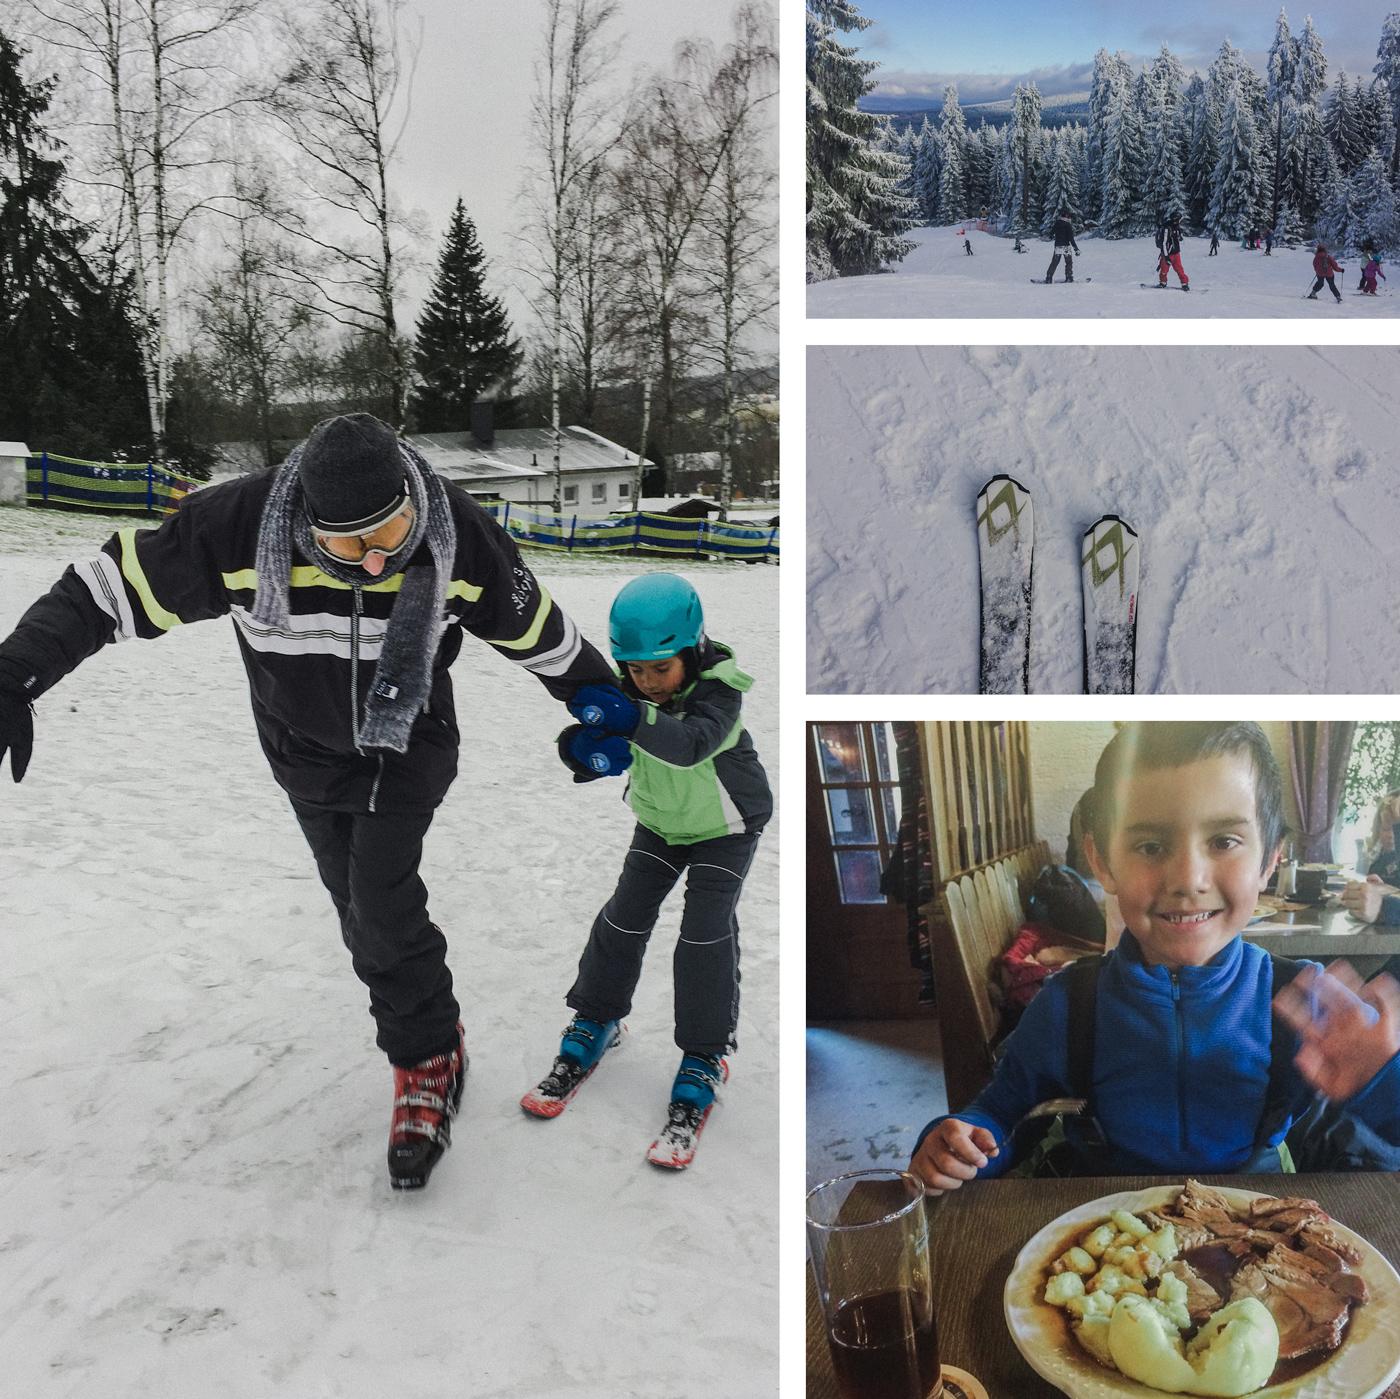 fun skiing on Ochsenkopf - not in Australia